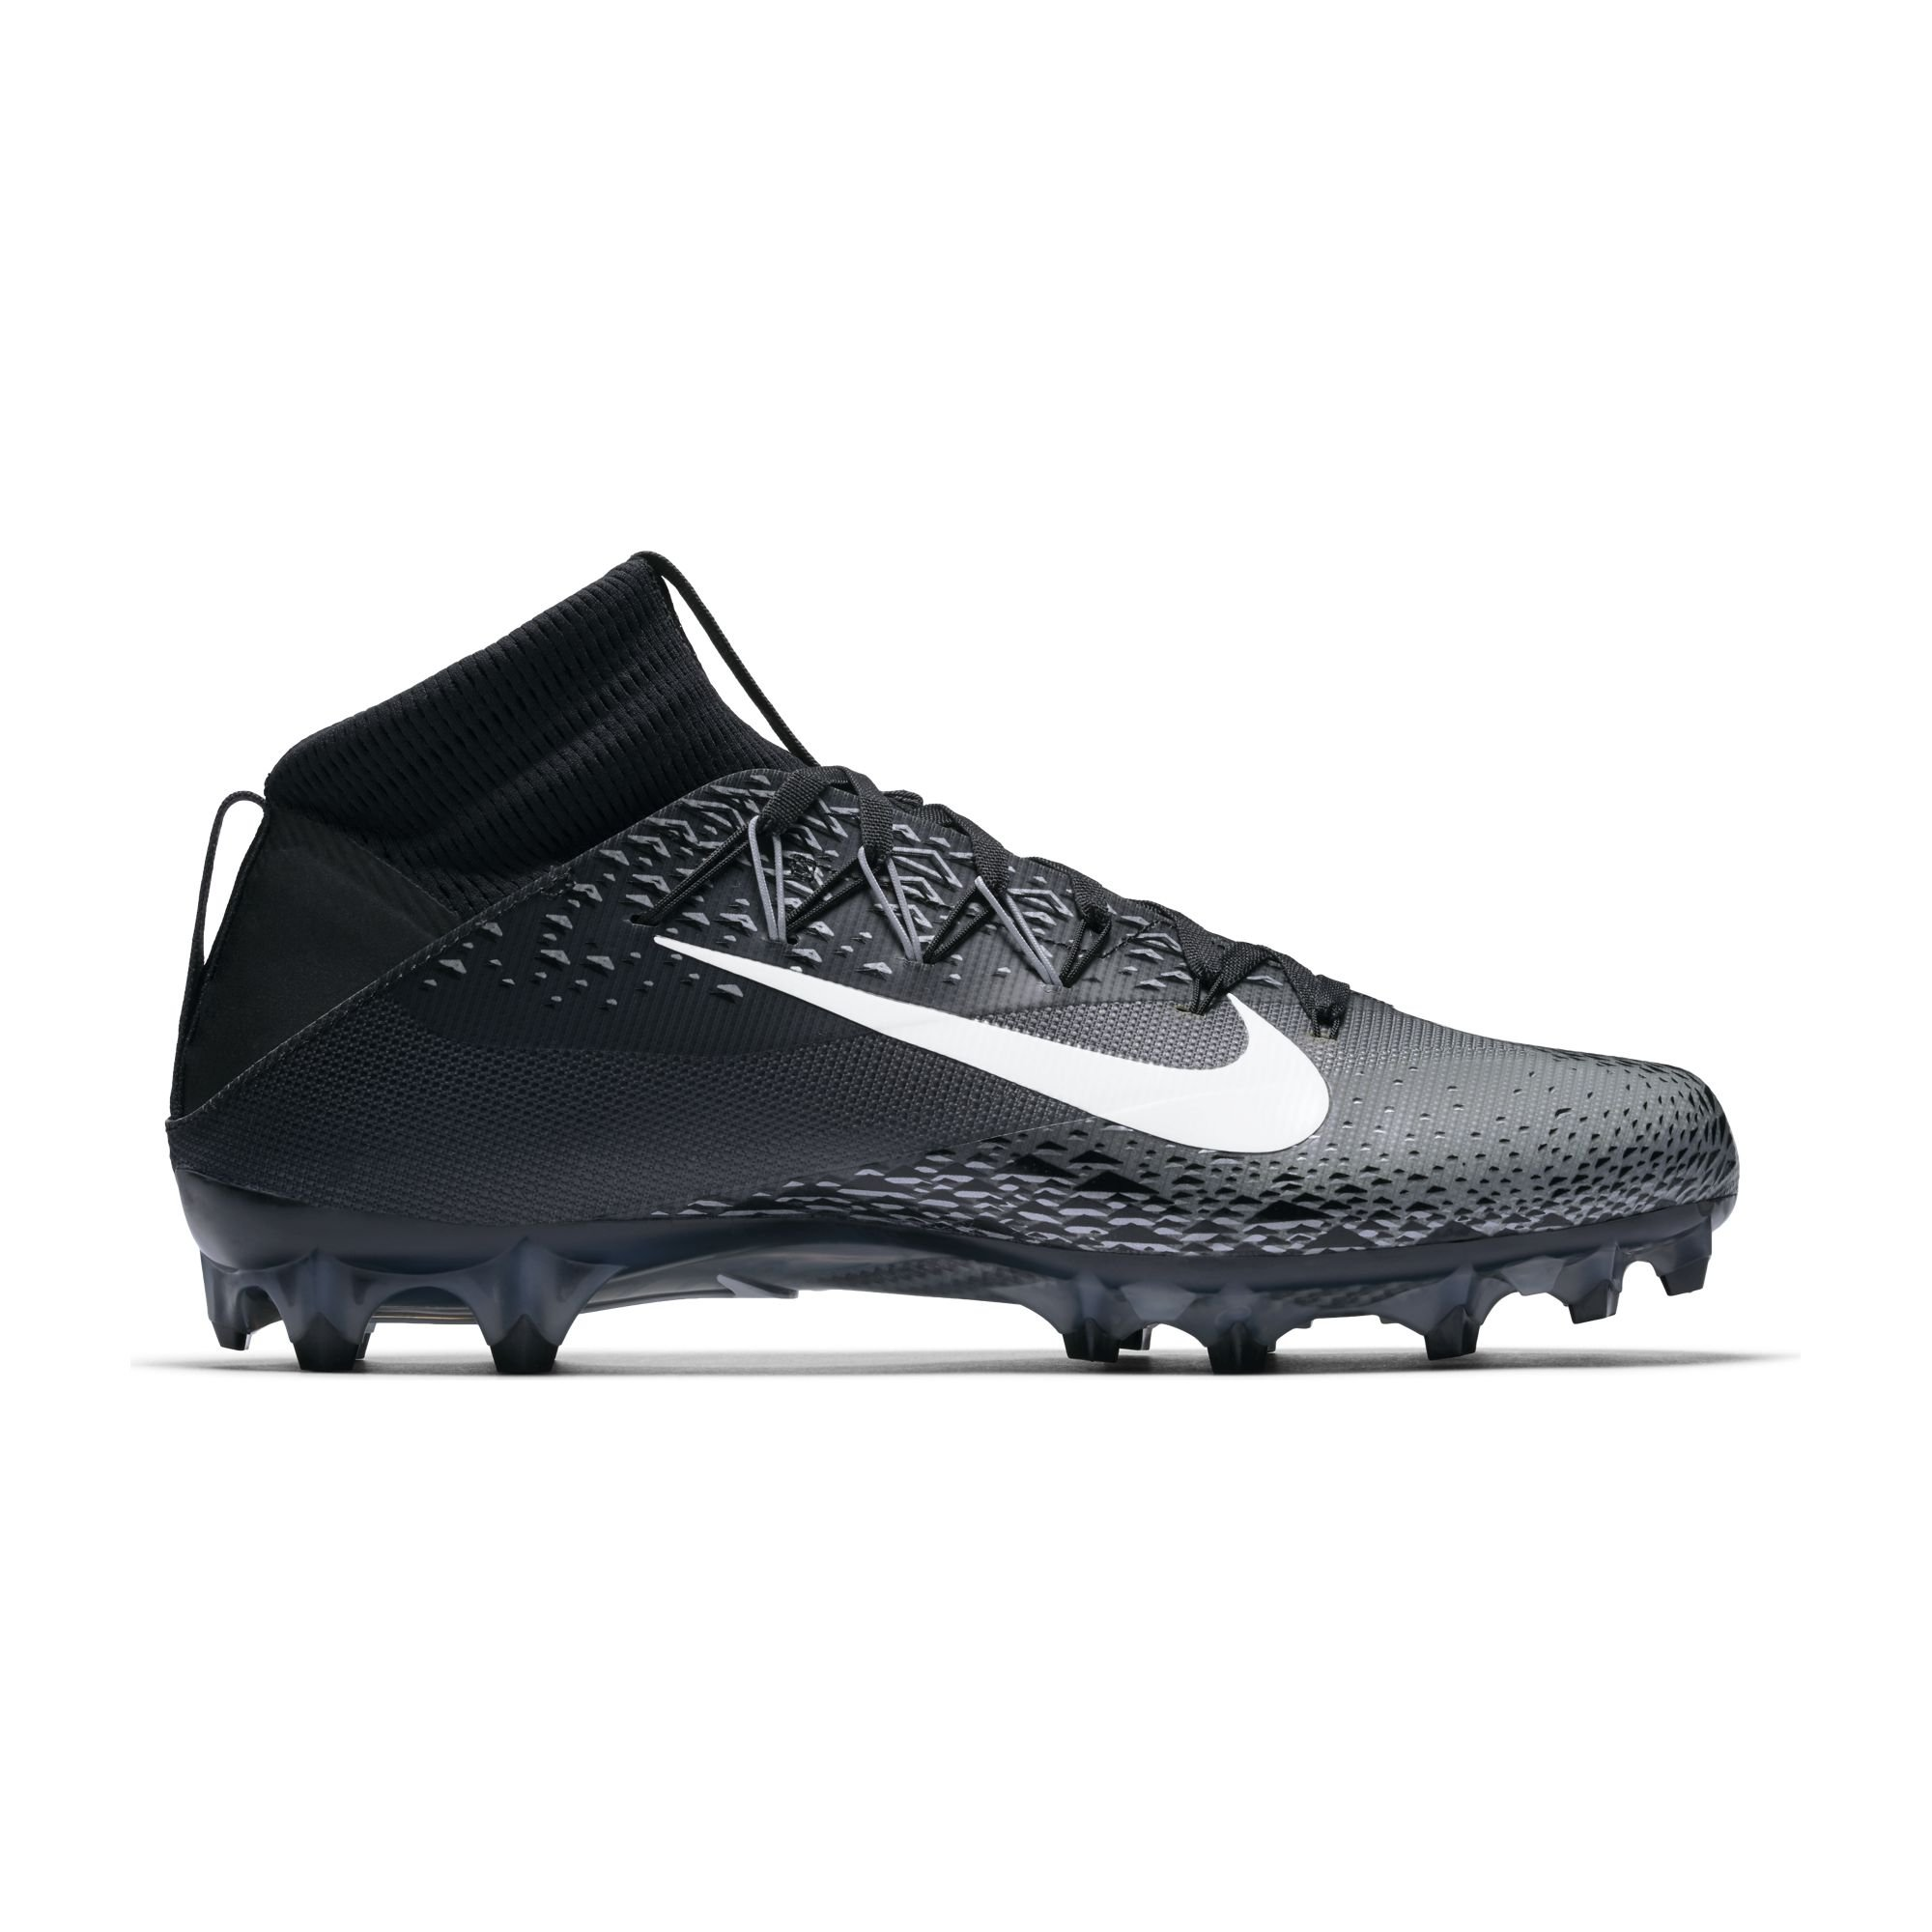 Nike Men's Vapor Untouchable 2 Football Cleat Black/White/Metallic Silver/Anthracite Size 9 M US